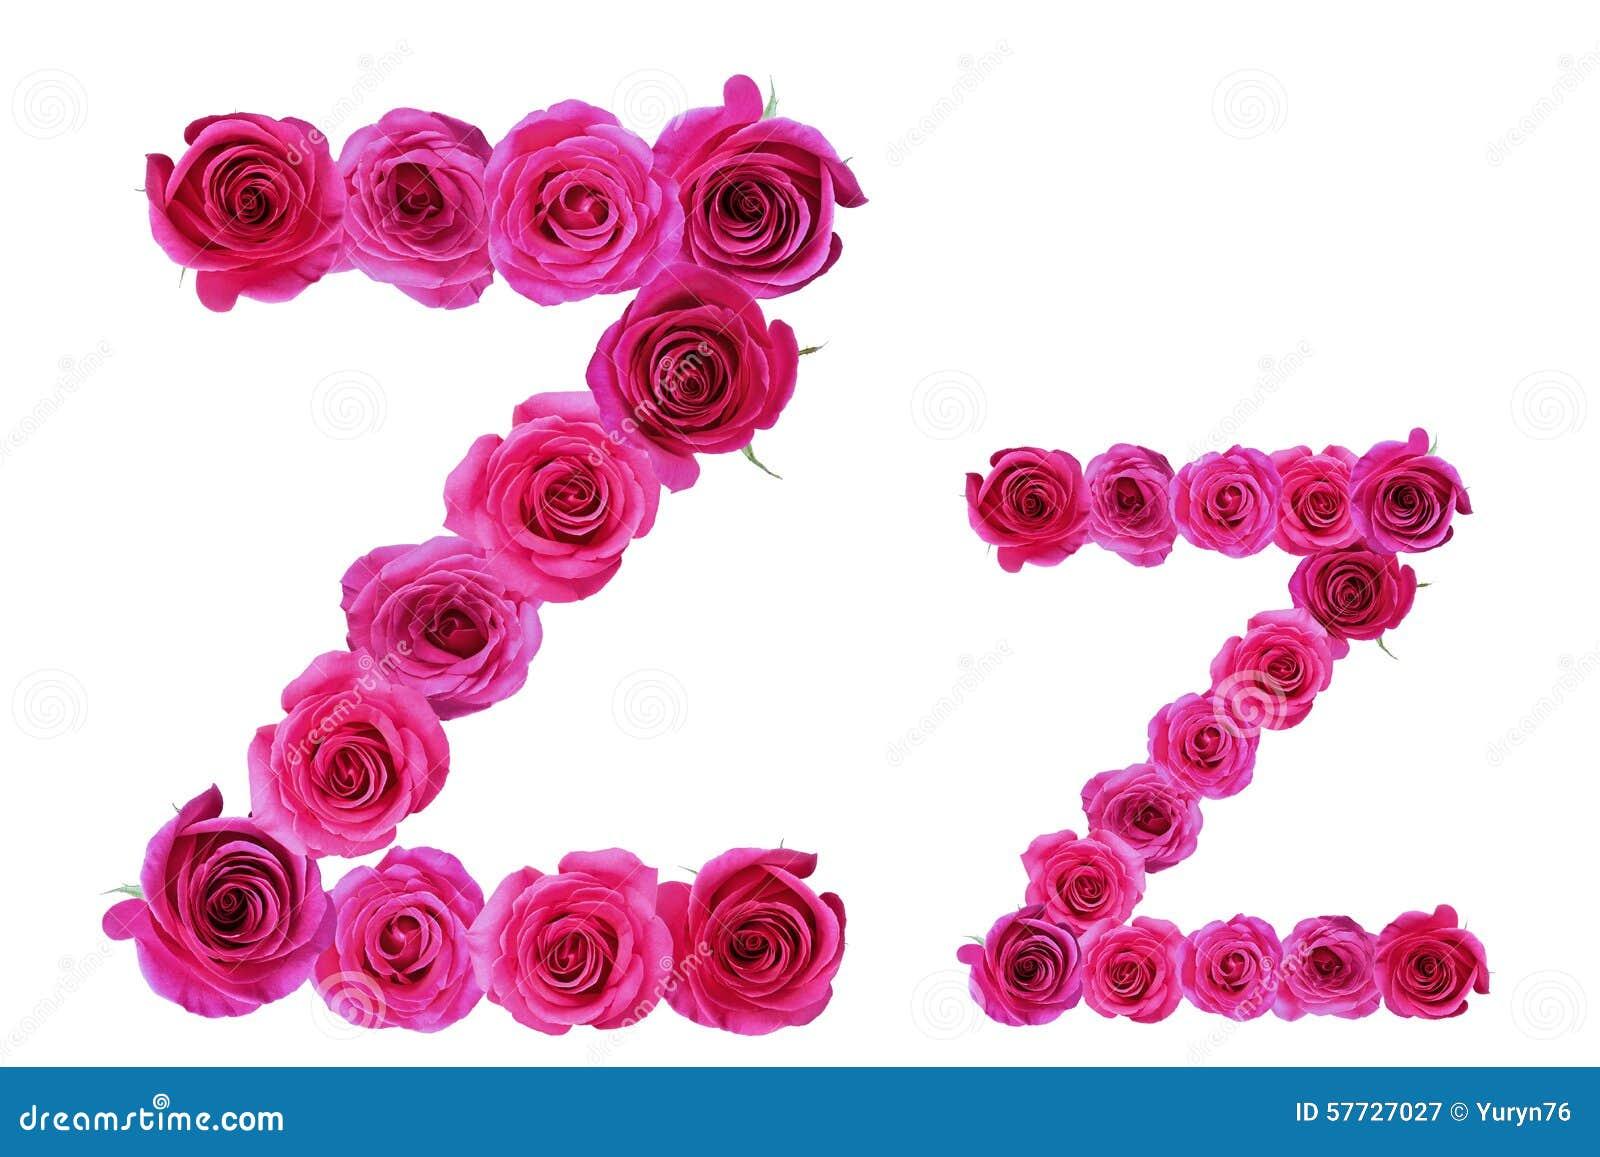 Letter Z Roses Stock Image